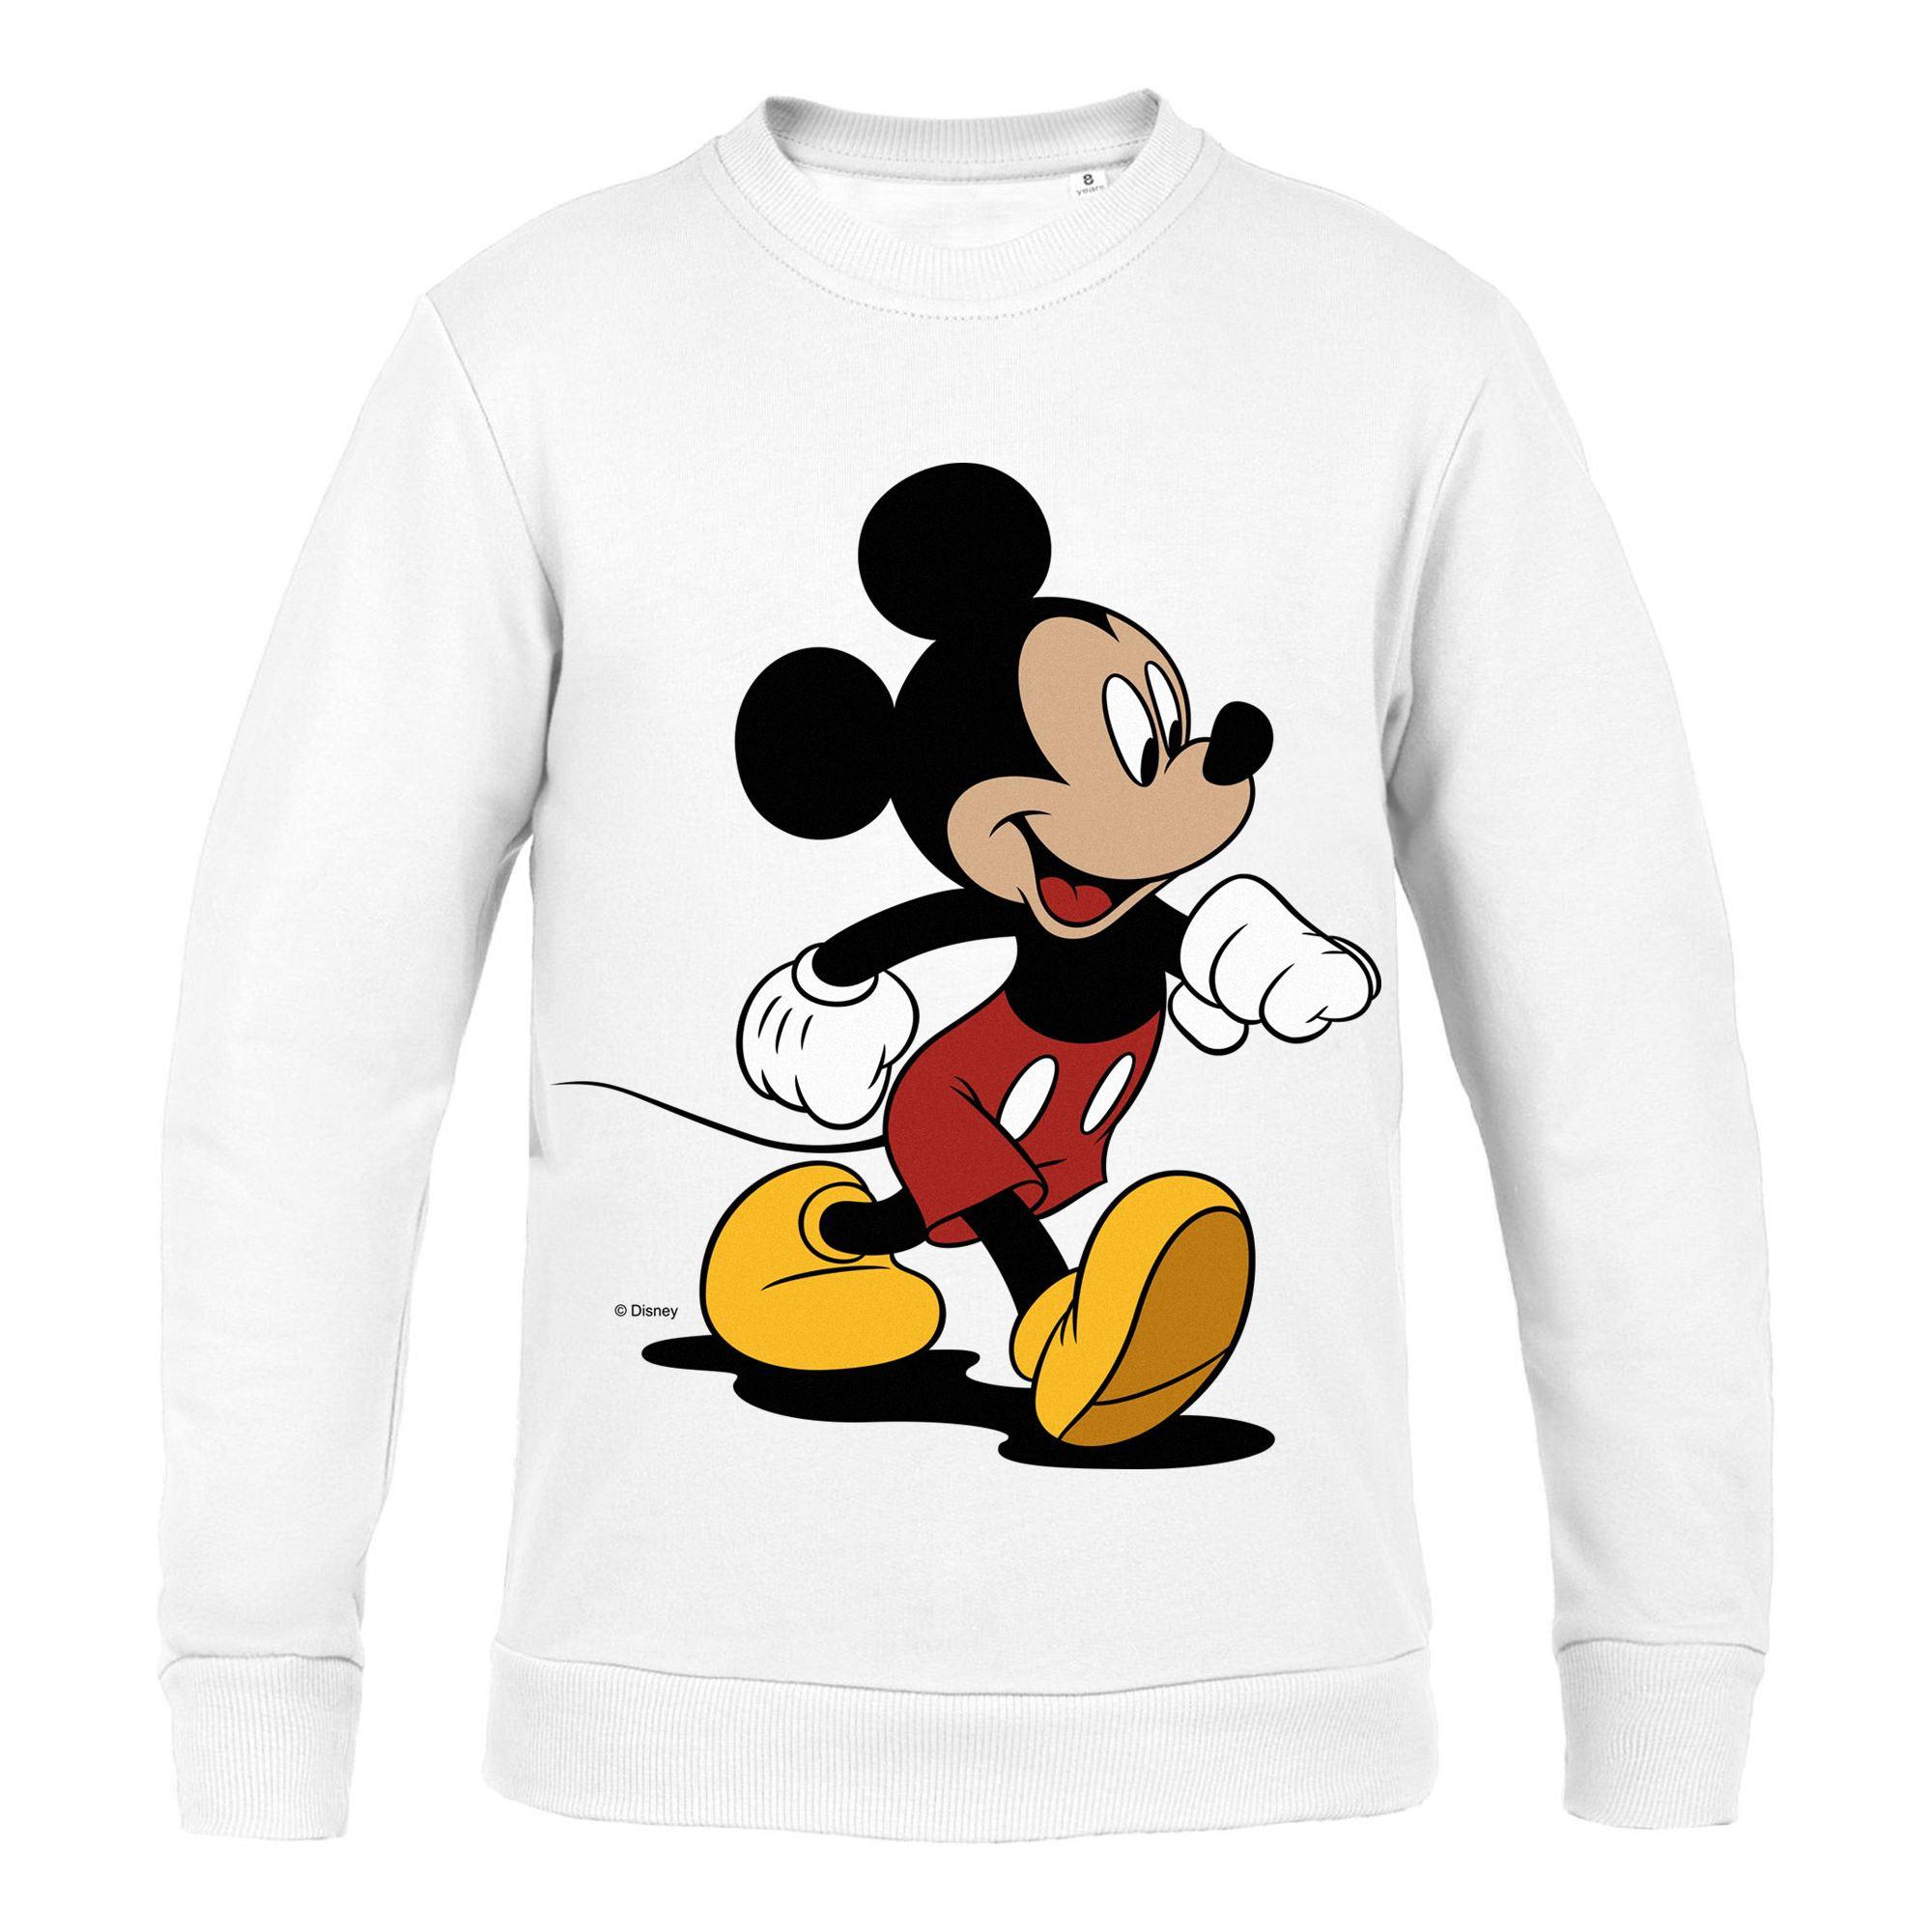 Толстовка детская «Микки Маус. Easygoing», белая арт 44406.60